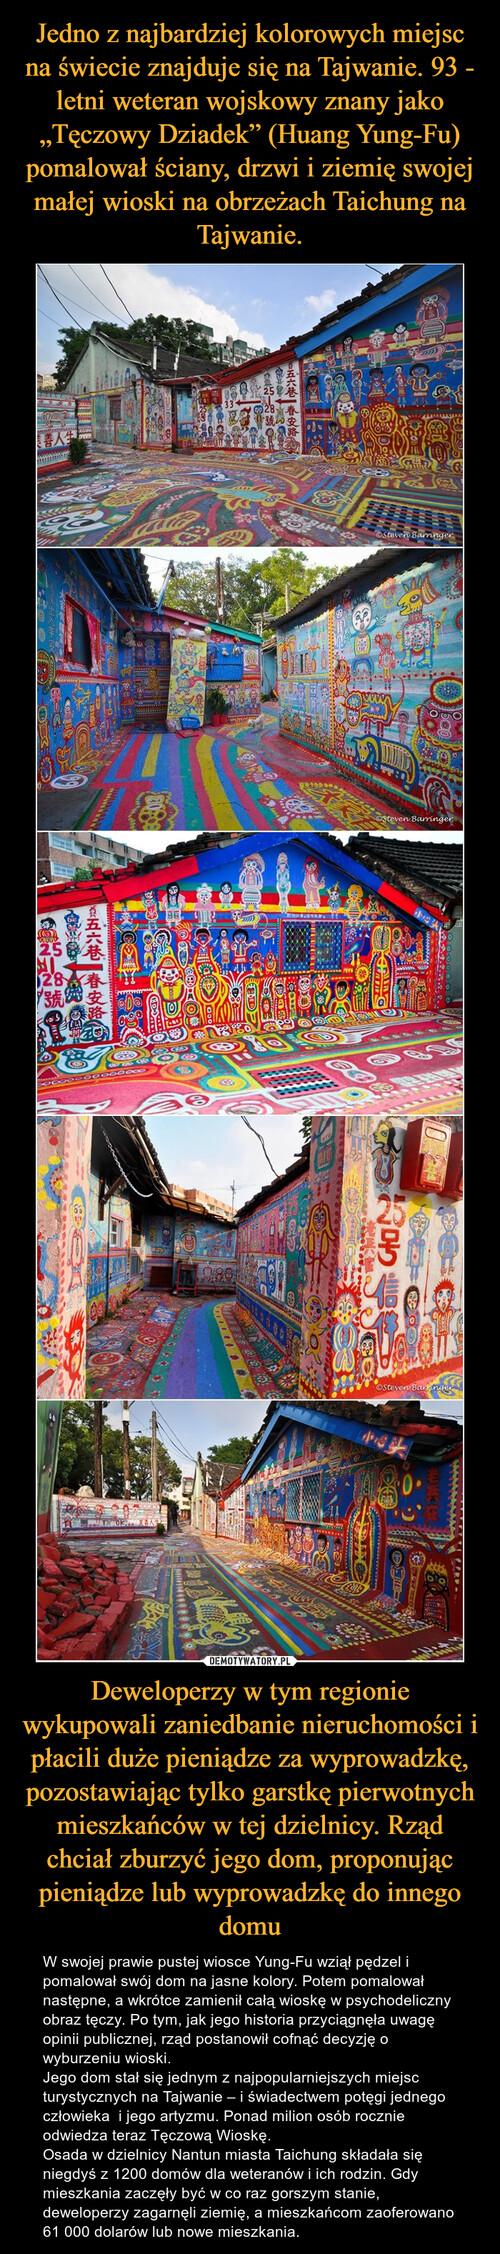 """Jedno z najbardziej kolorowych miejsc na świecie znajduje się na Tajwanie. 93 - letni weteran wojskowy znany jako """"Tęczowy Dziadek"""" (Huang Yung-Fu) pomalował ściany, drzwi i ziemię swojej małej wioski na obrzeżach Taichung na Tajwanie. Deweloperzy w tym regionie wykupowali zaniedbanie nieruchomości i płacili duże pieniądze za wyprowadzkę, pozostawiając tylko garstkę pierwotnych mieszkańców w tej dzielnicy. Rząd chciał zburzyć jego dom, proponując pieniądze lub wyprowadzkę do innego domu"""